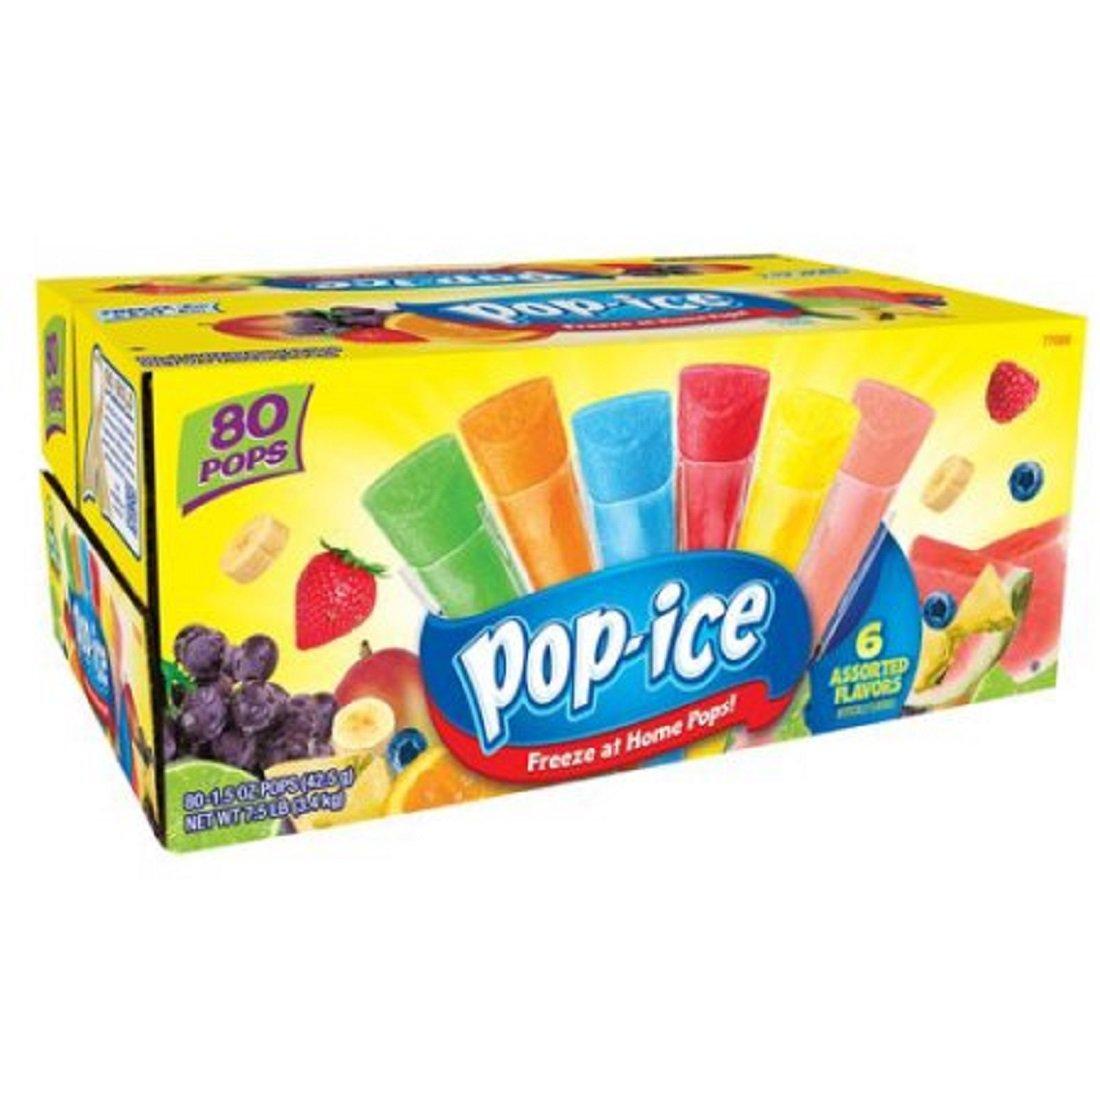 Pop-Ice Freezer Pops, Tropical Flavors, 1.5 Fl Oz, 80 Count